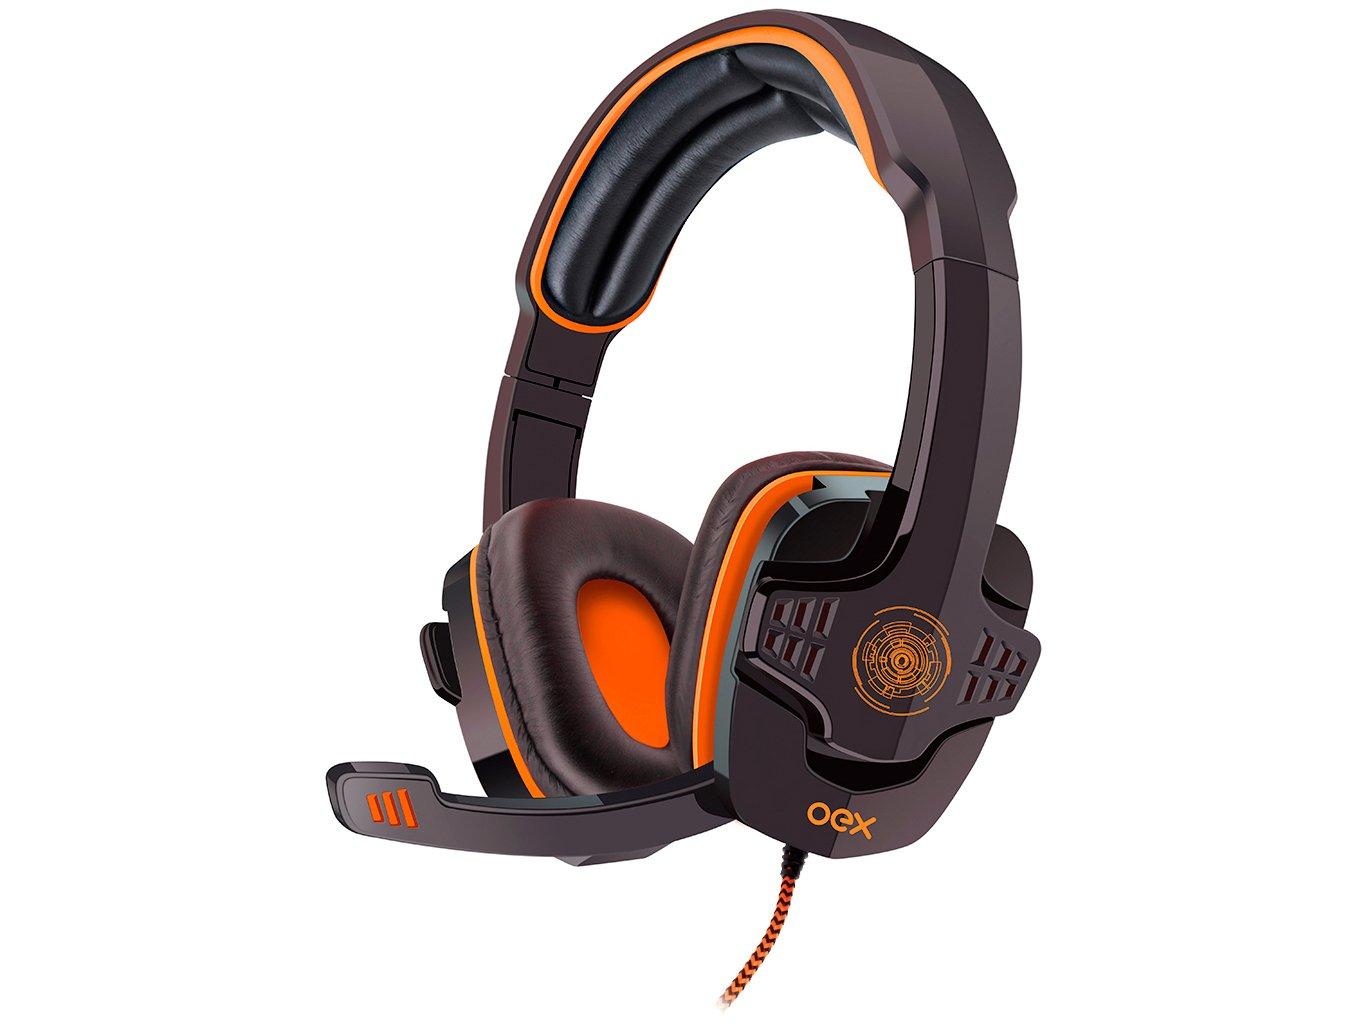 Foto 1 - Headset Gamer para PC OEX - Target HS203